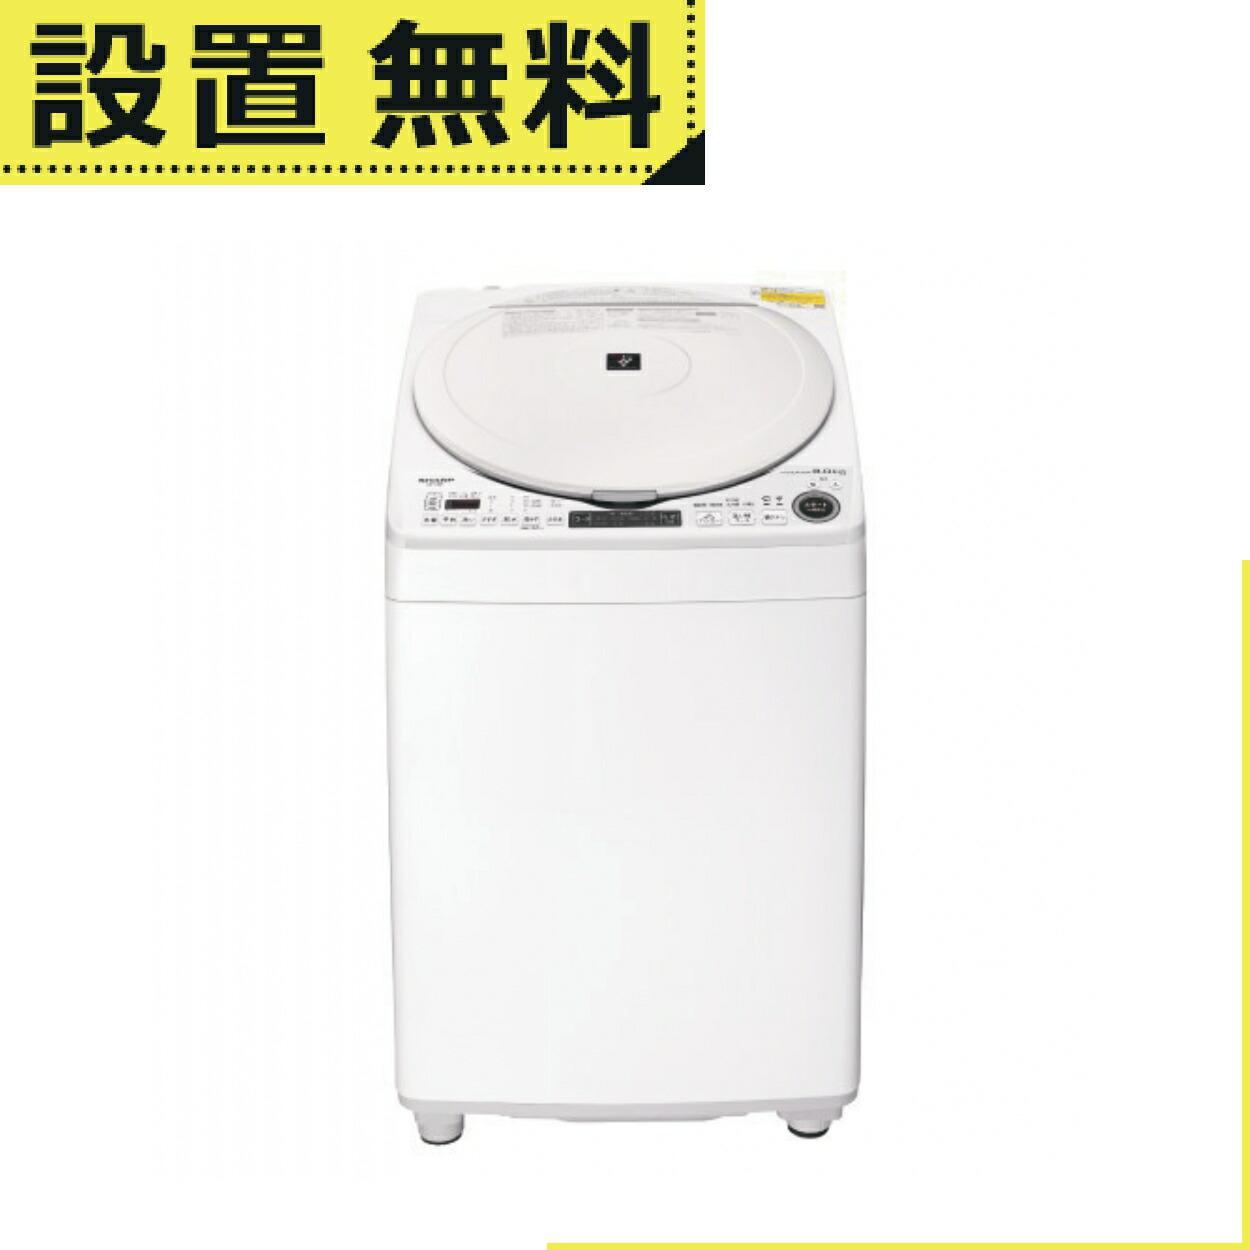 シャープ 毎日激安特売で 営業中です 洗濯機 ES-TX8F 縦型洗濯乾燥機 保障 乾燥4.5kg 全国設置無料 ホワイト系 洗濯8.0kg